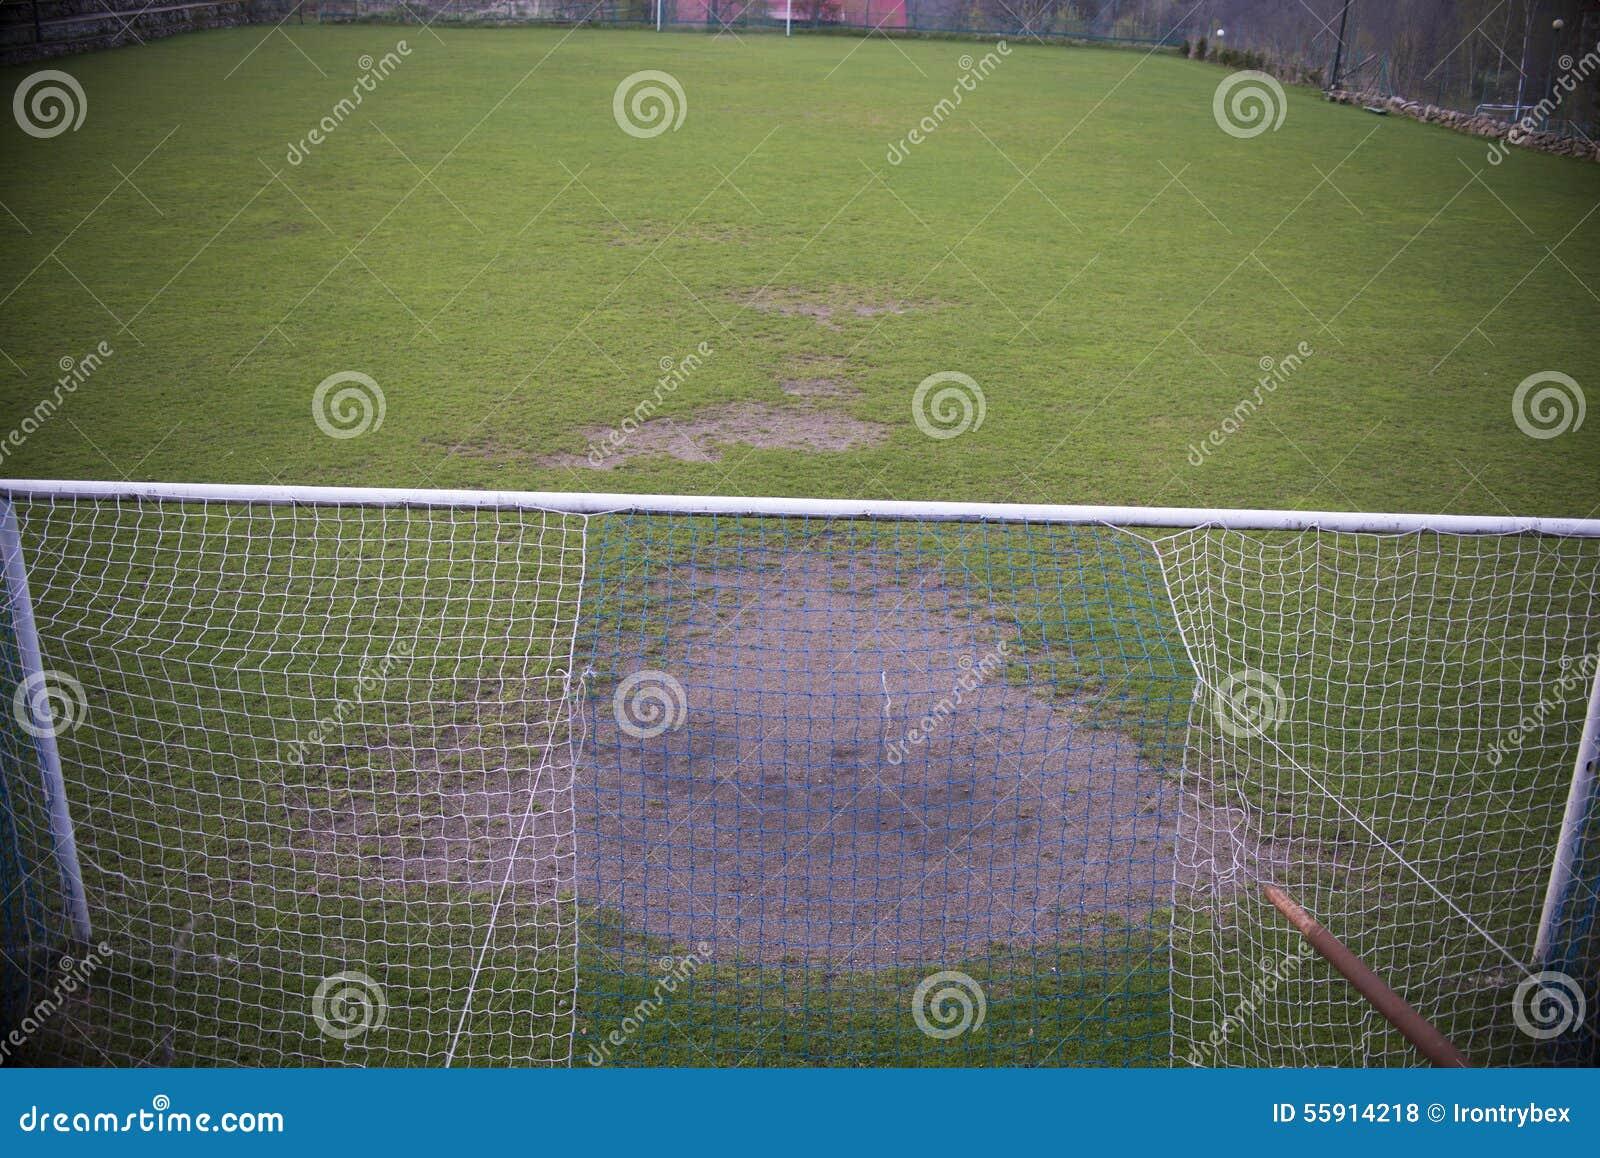 Lancement amateur de formation du football